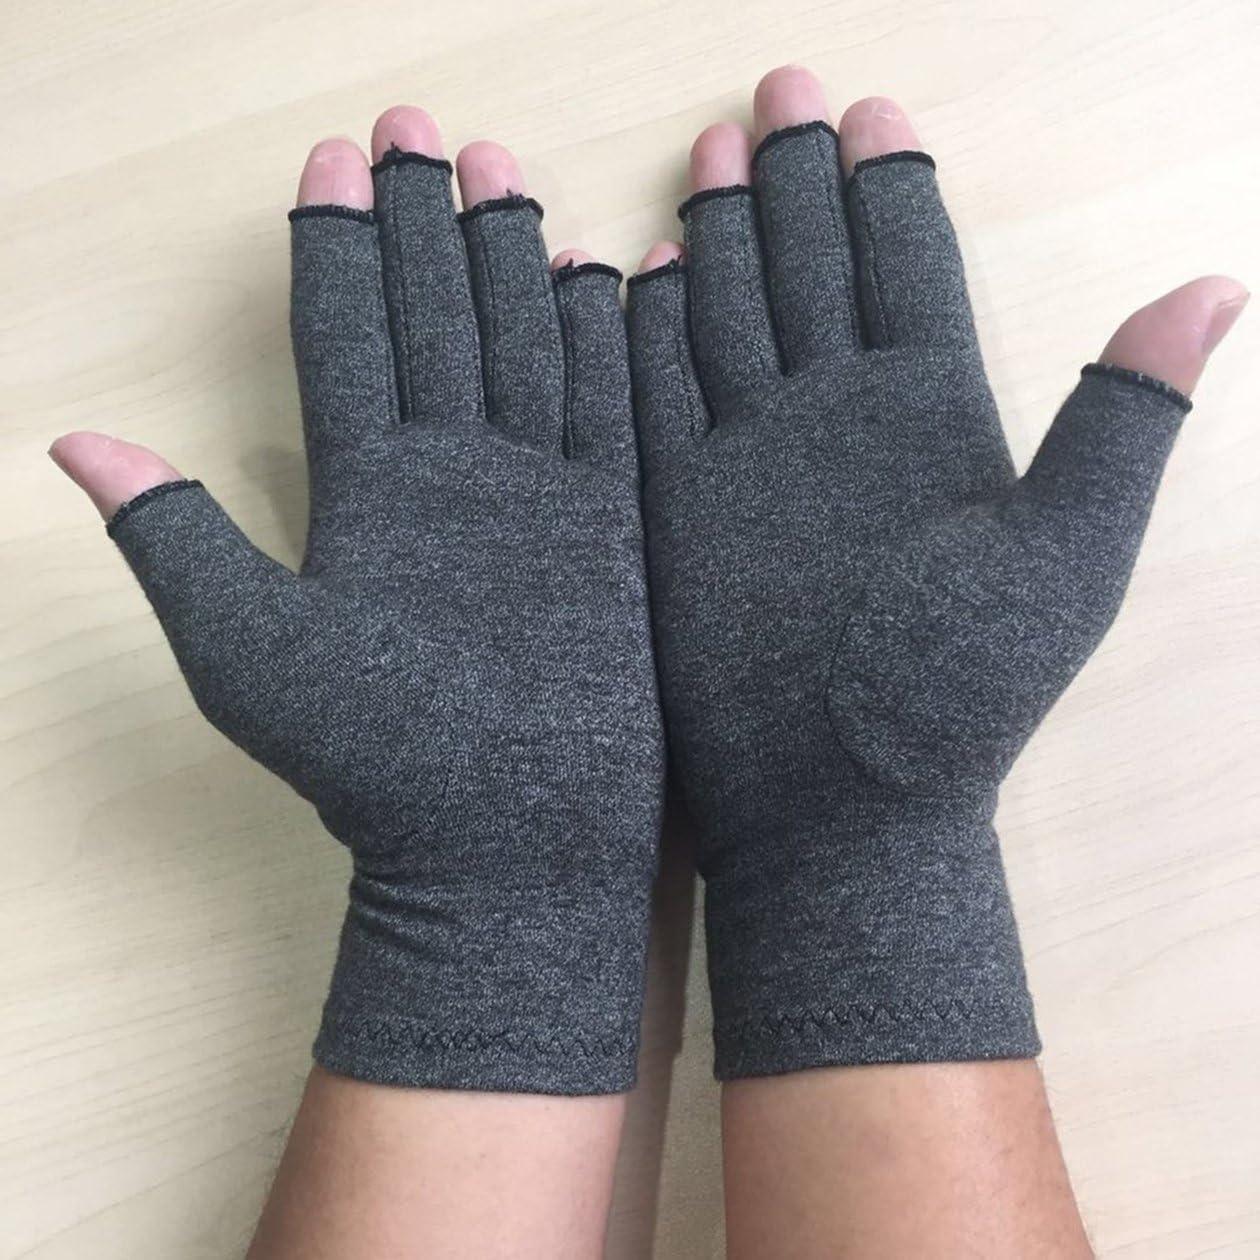 couleur: gris -S taille: S Une paire//un ensemble confortable hommes femmes femmes th/érapie gants de compression couleur unie respirant arthrite gants de soulagement de la douleur articulaire